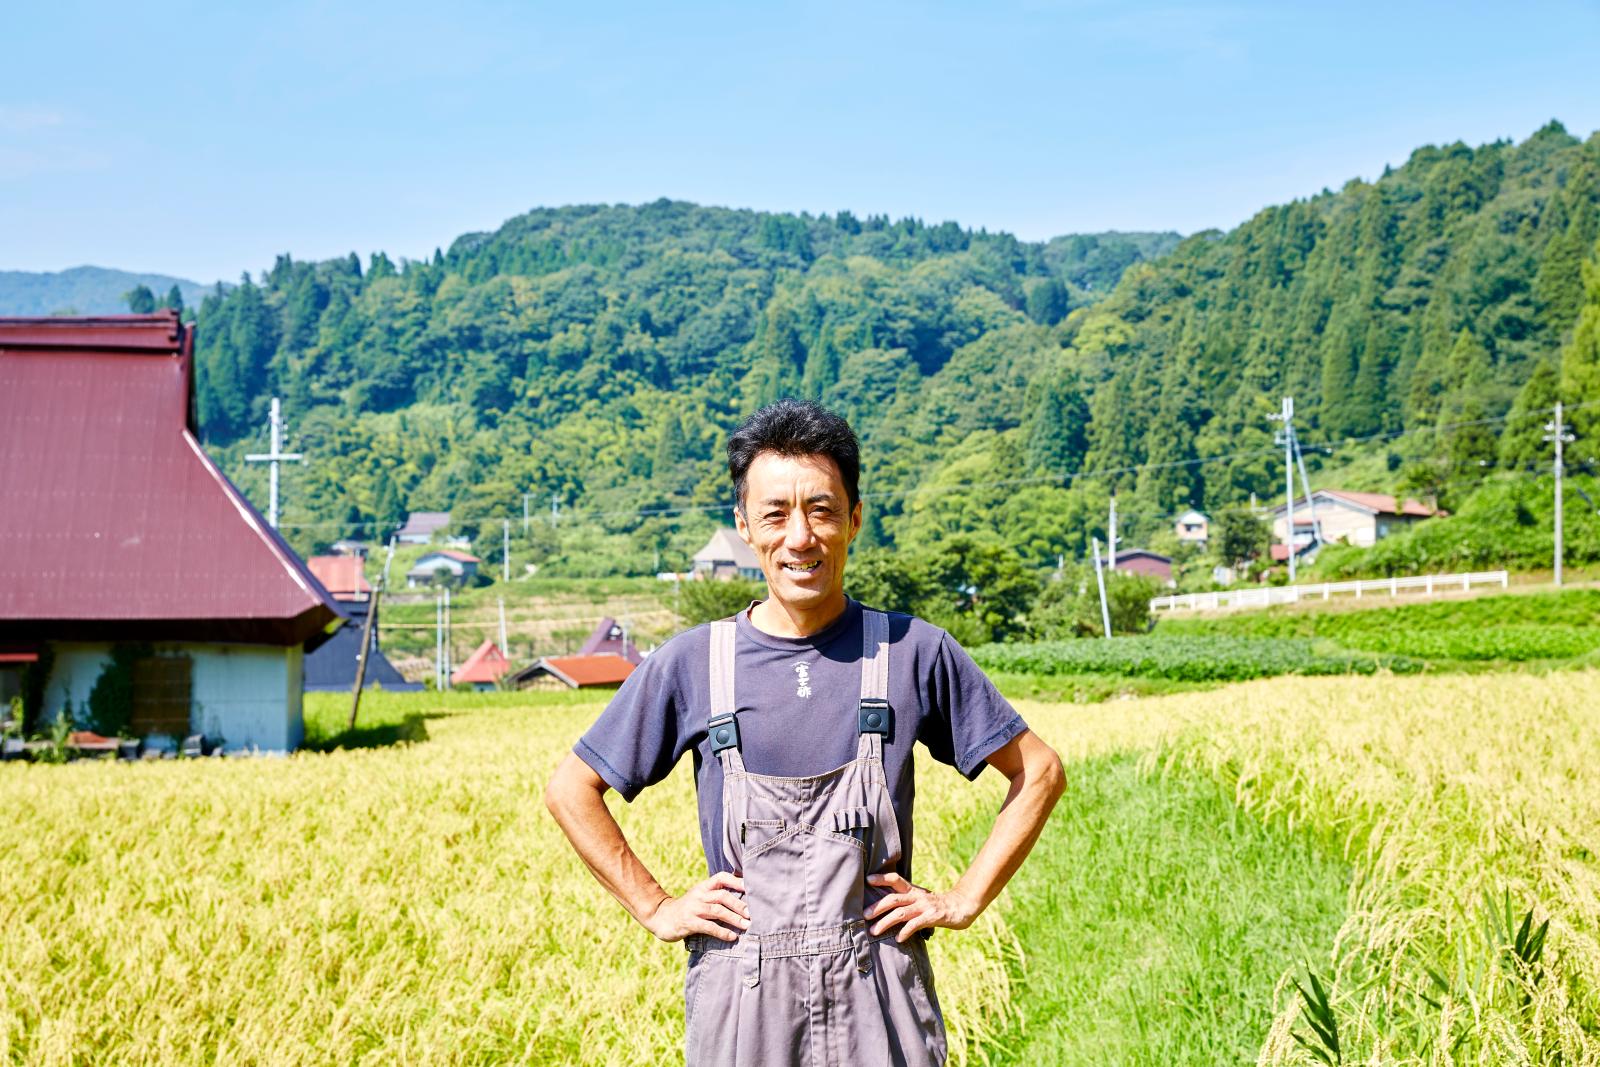 飯尾さんの家業『飯尾醸造』は、宮津で100年以上も続く老舗のお酢蔵。蔵の中には、発酵中のお酢の樽がずらりと並ぶ。蓋を開けてみると、発酵していることを示す酢酸膜が。